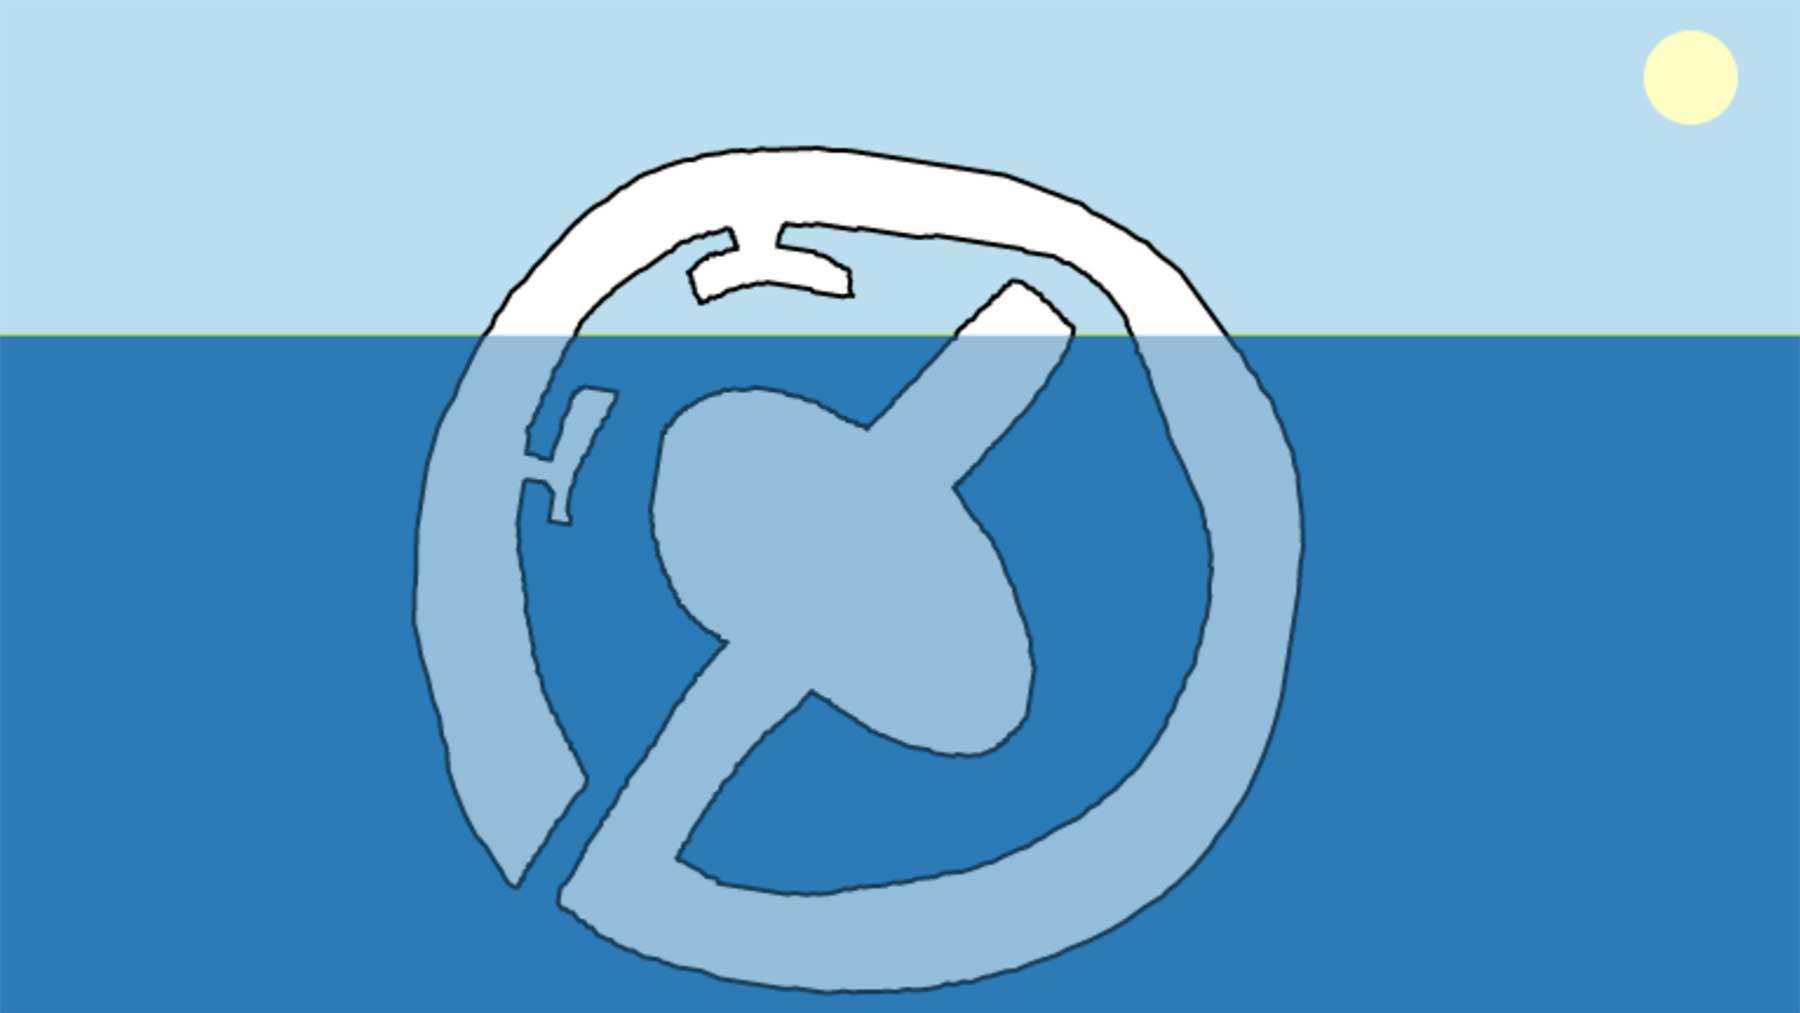 Eisberg im Browser zeichnen und sehen, wie er schwimmen würde